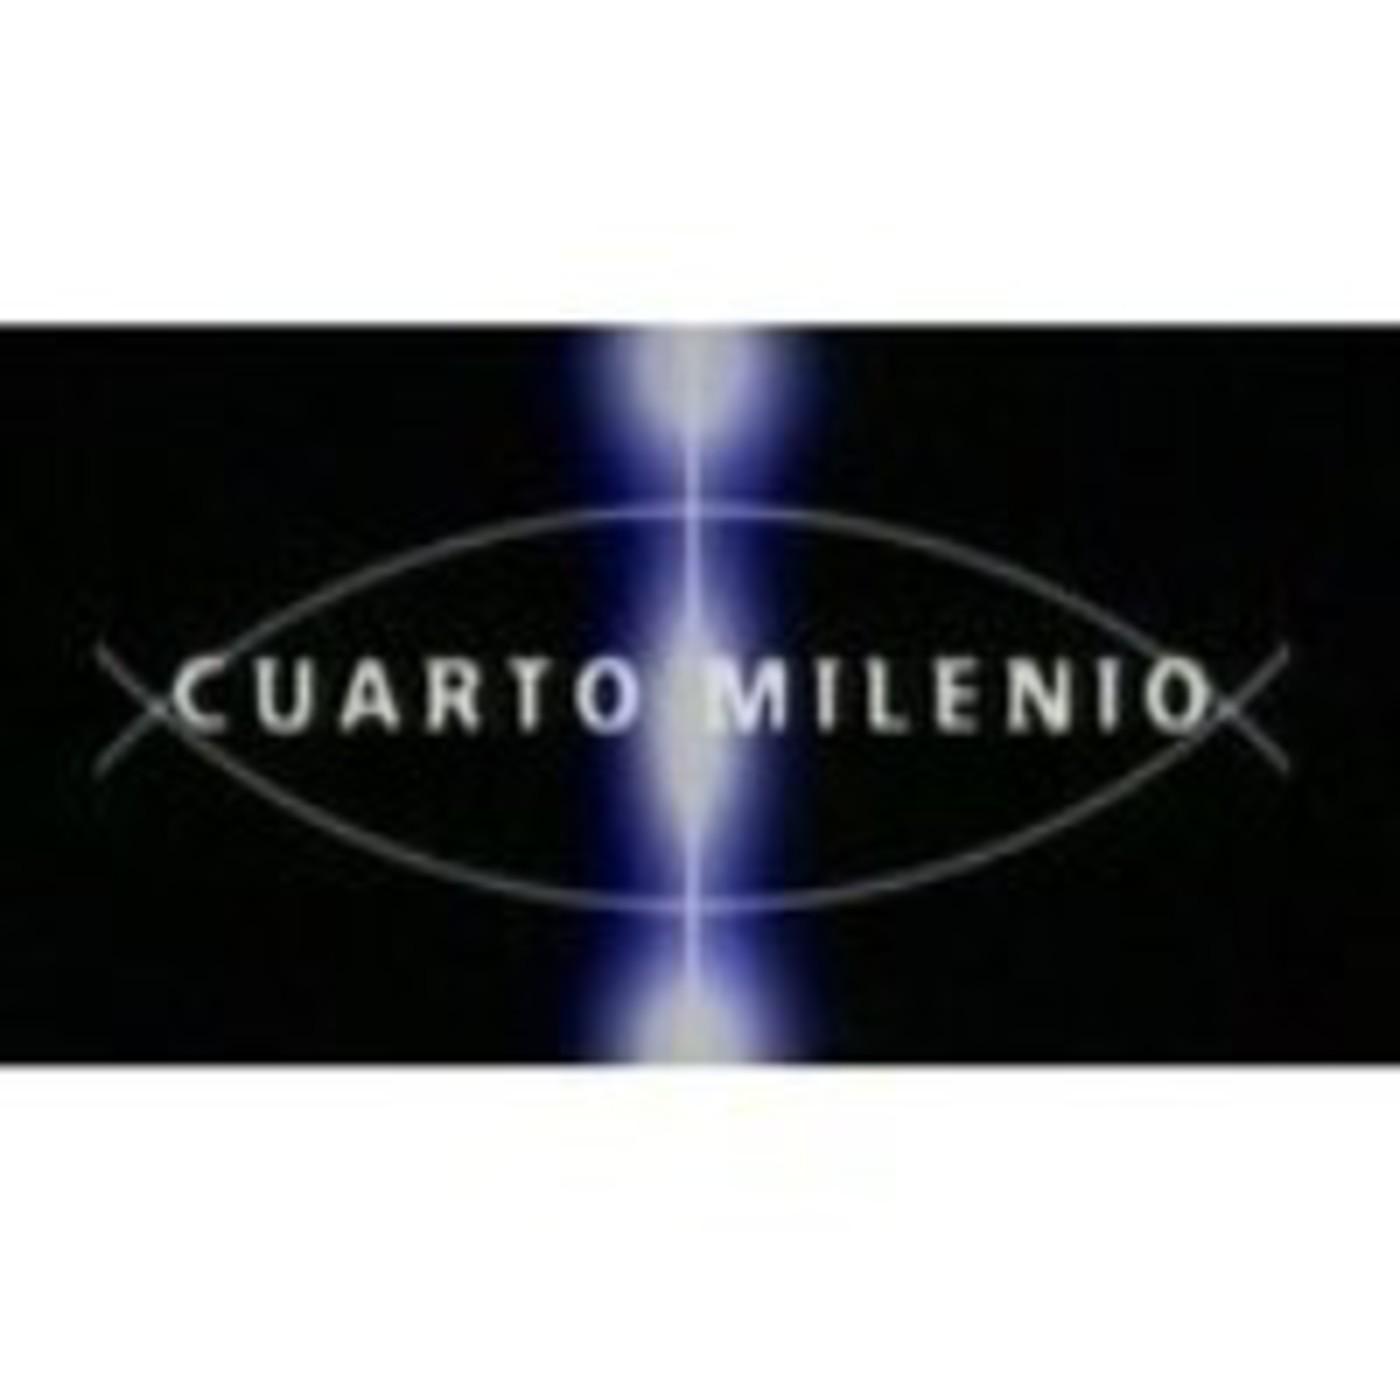 Especial Cuarto Milenio: \'Archivos Oscuros\' en Lo mejor de ...